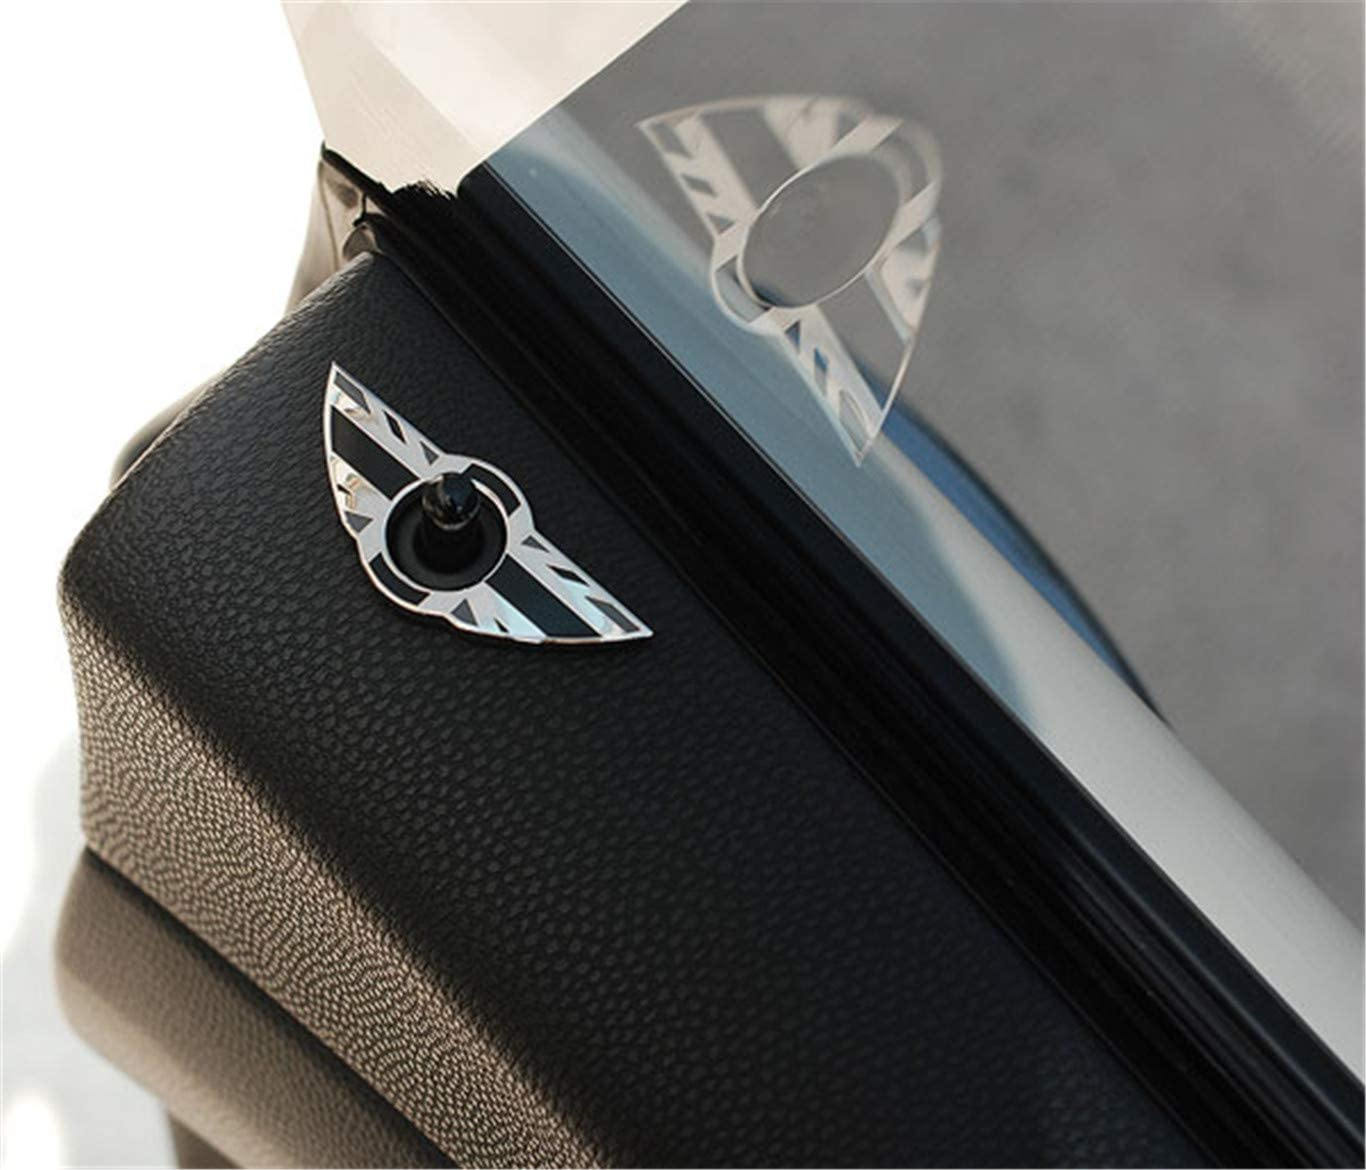 HDX 2 St/ück Fl/ügel Emblem Ringe T/ürschloss Pin Noppen Abdeckungen Aufkleber Abzeichen Blenden f/ür Mini Cooper R56 Schr/ägheck R57 Covertible R58 Coupe R59 Roadster Schwarz